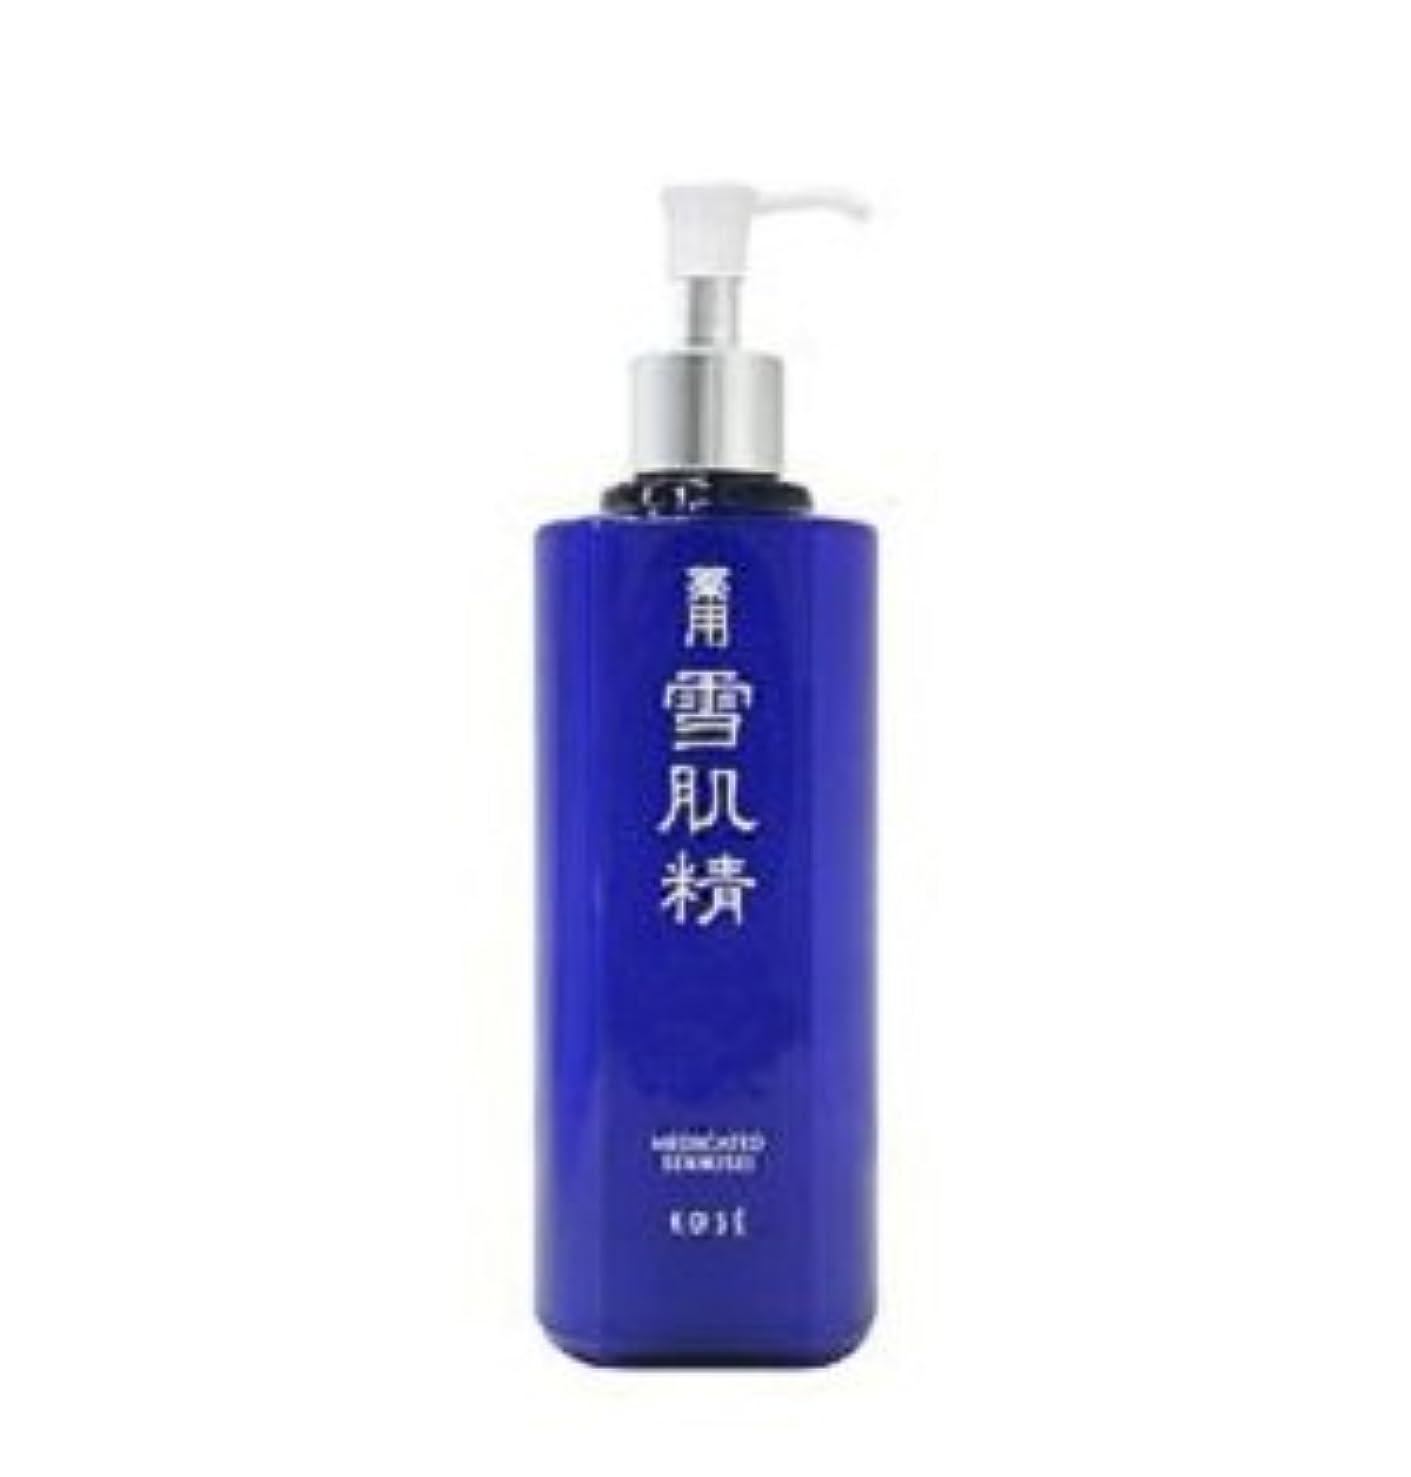 シプリー一目ジャムコーセー 薬用 雪肌精 化粧水 500ml 限定発売 ラージ ボトル